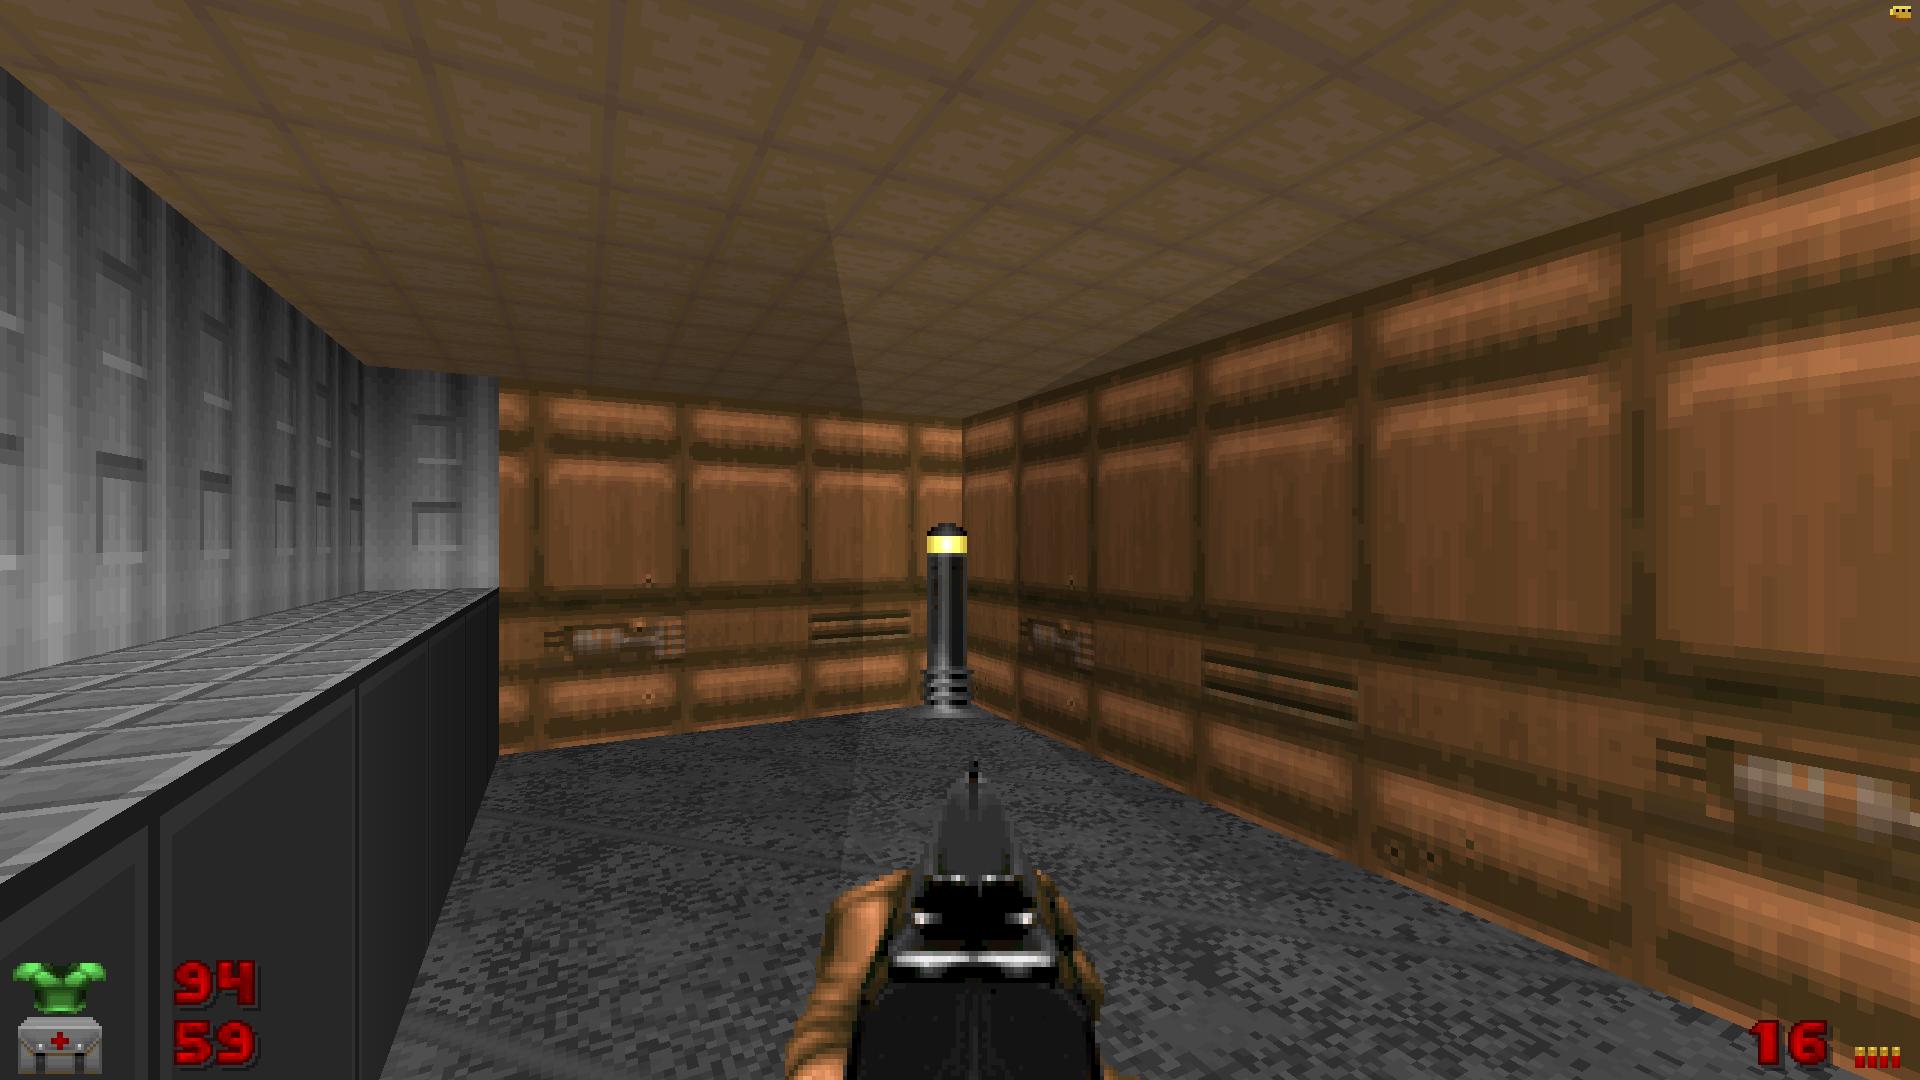 Screenshot_Doom_20210617_073056.png